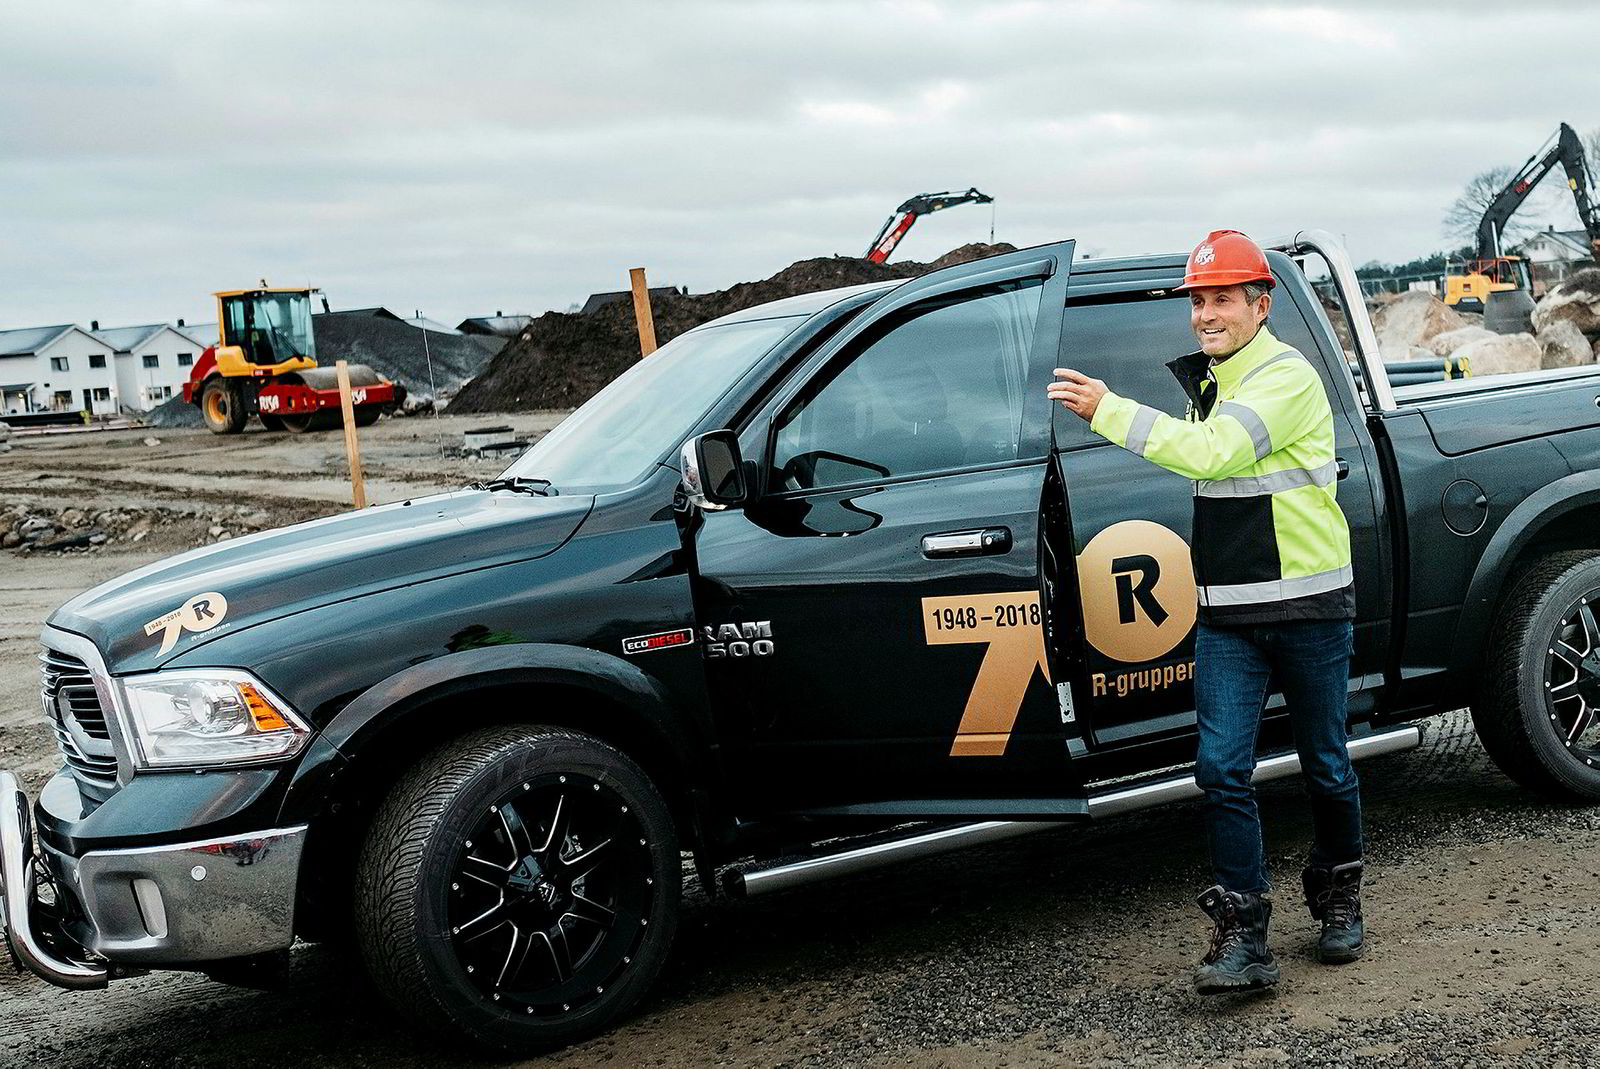 Administrerende direktør Bjørn Risa i anleggsselskapet Risa sendte permitteringsvarsel til 200 ansatte av selskapet 540 ansatte.